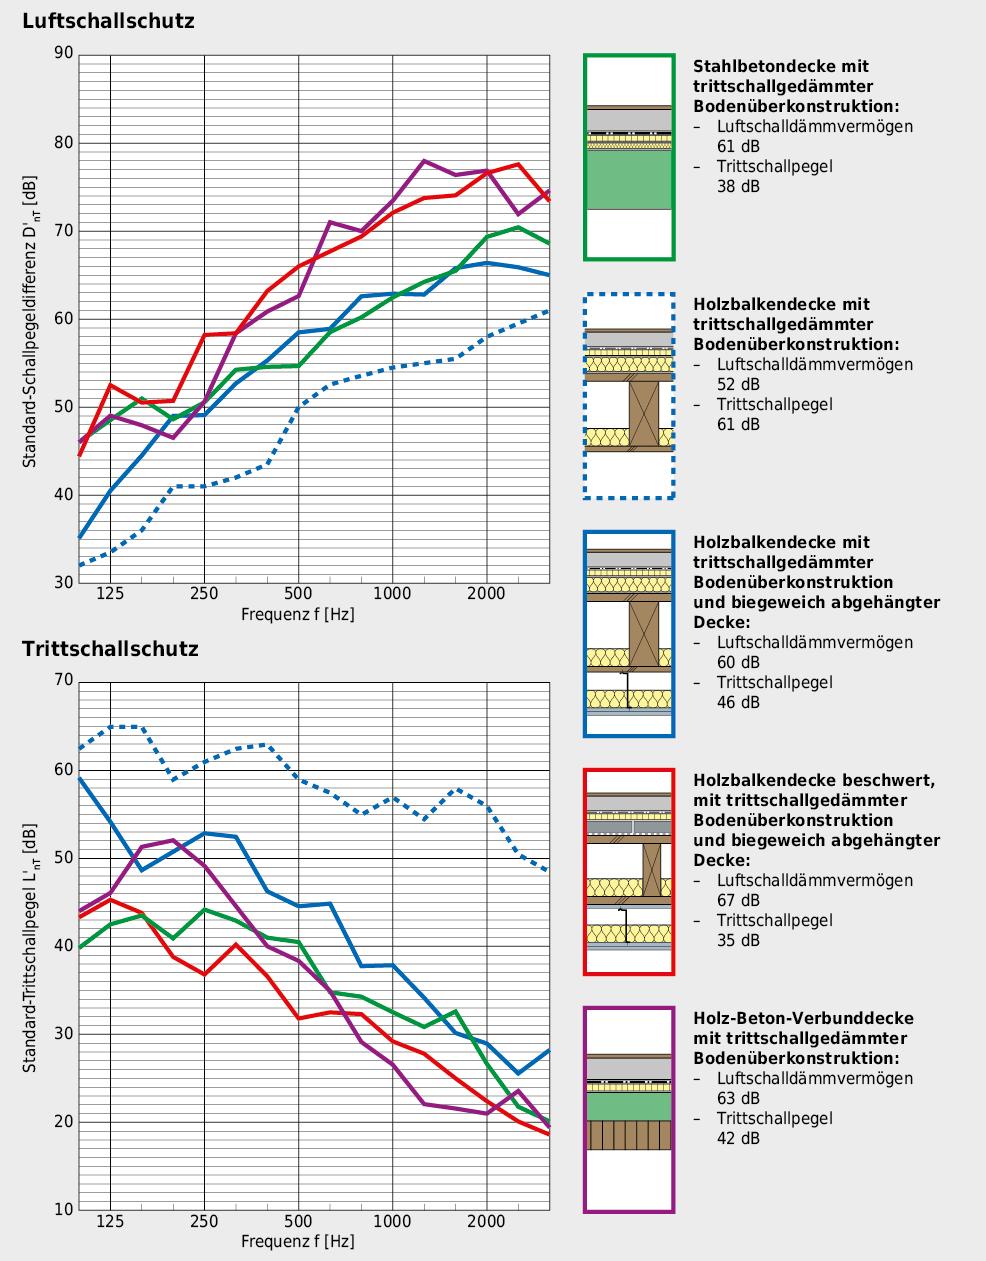 Gegenüberstellung der verschiedenen Geschossdecken, mit Vergleich des zu erreichenden Luft- und Trittschallschutzes.